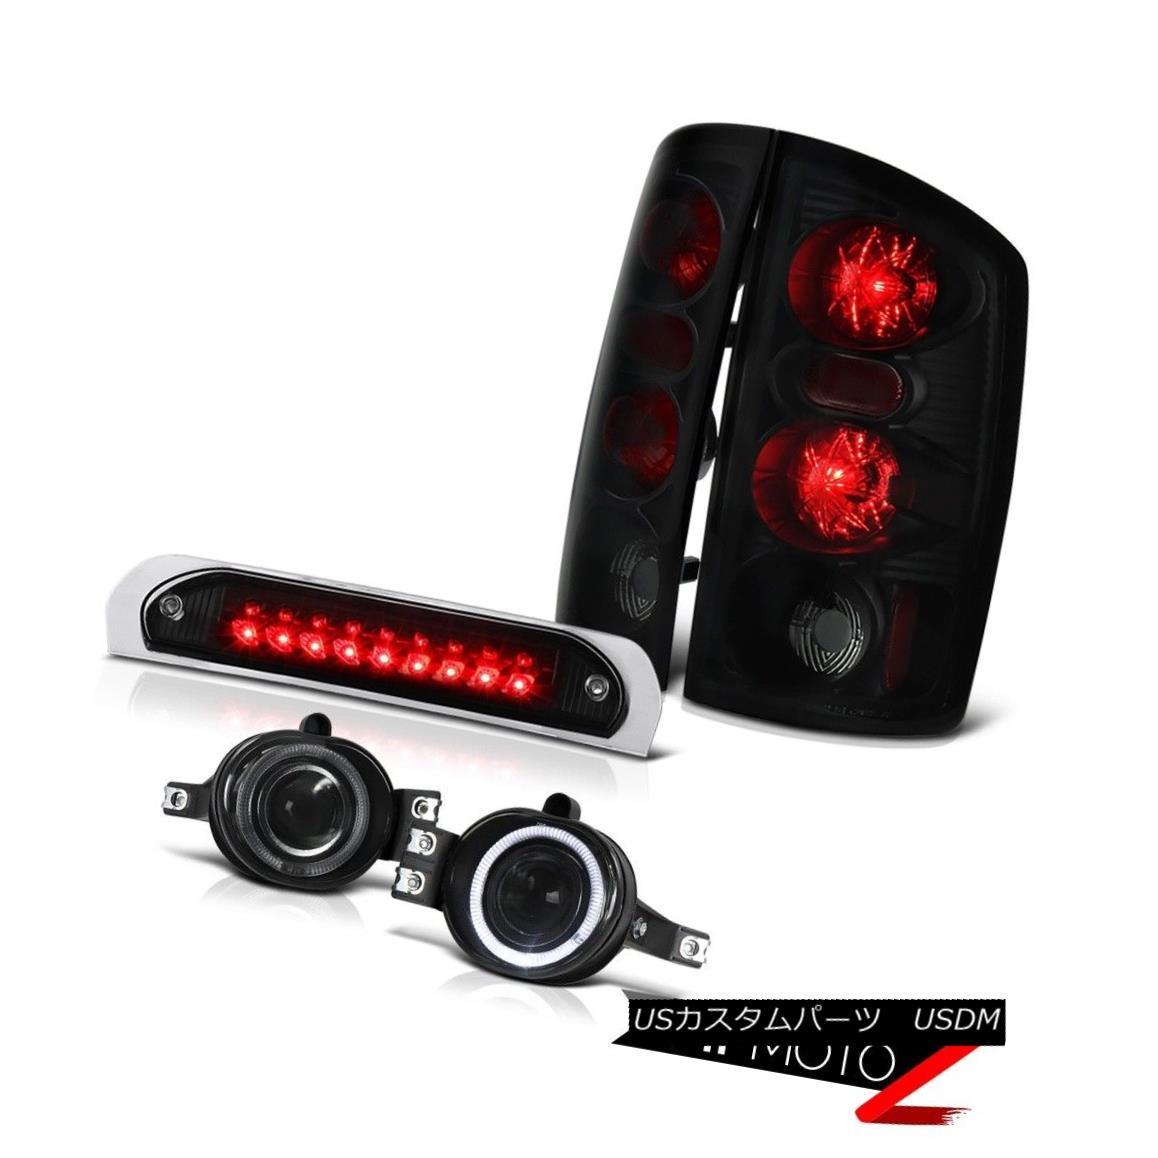 テールライト ~SINISTER BLACK~ Brake Lamps Projector Driving Fog 3rd Brake LED 02-05 Ram V6 ?SINISTER BLACK?ブレーキランププロジェクター駆動フォグ第3ブレーキLED 02-05 Ram V6